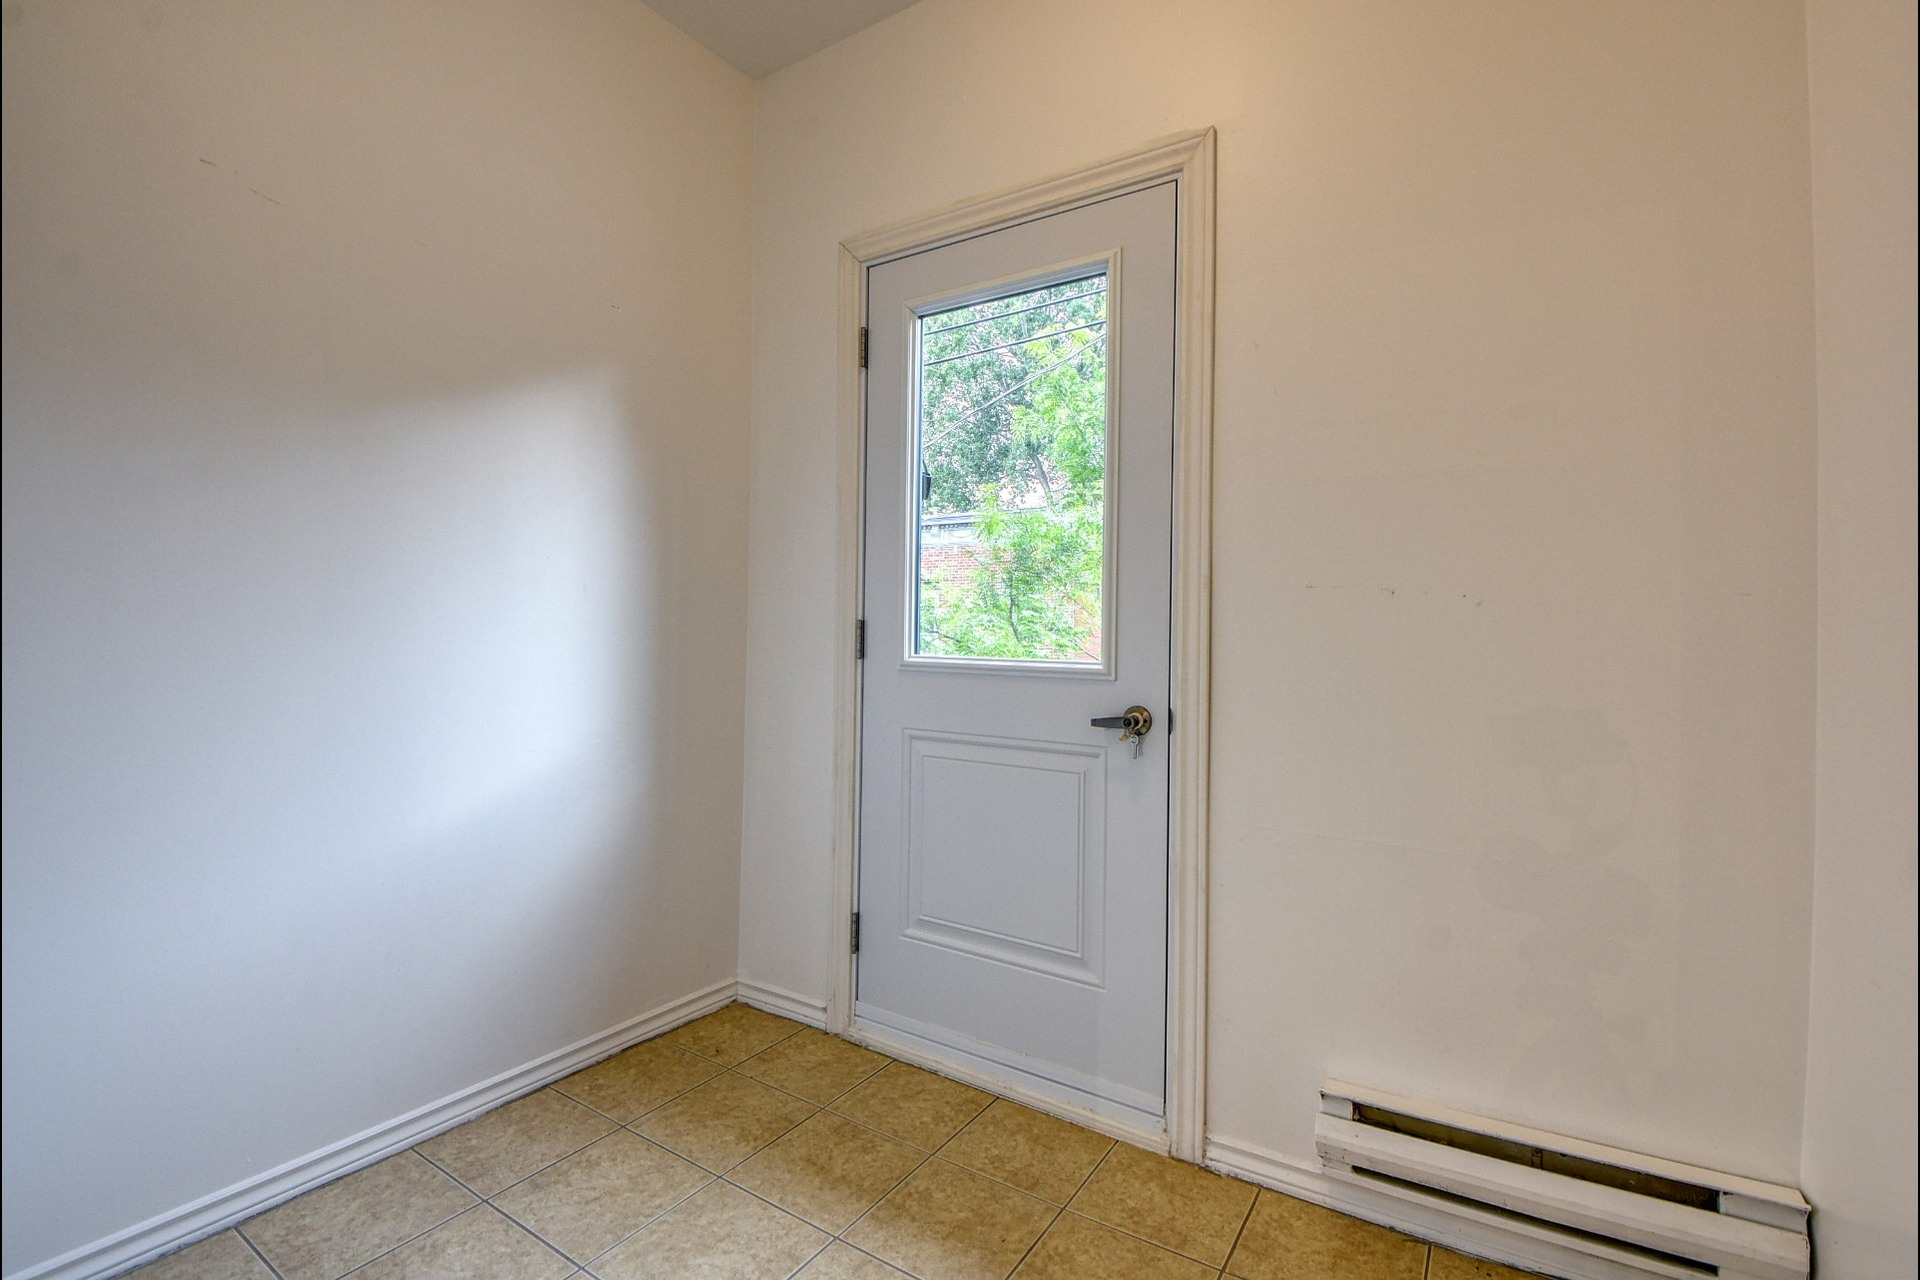 image 3 - Appartement À louer Le Plateau-Mont-Royal Montréal  - 6 pièces